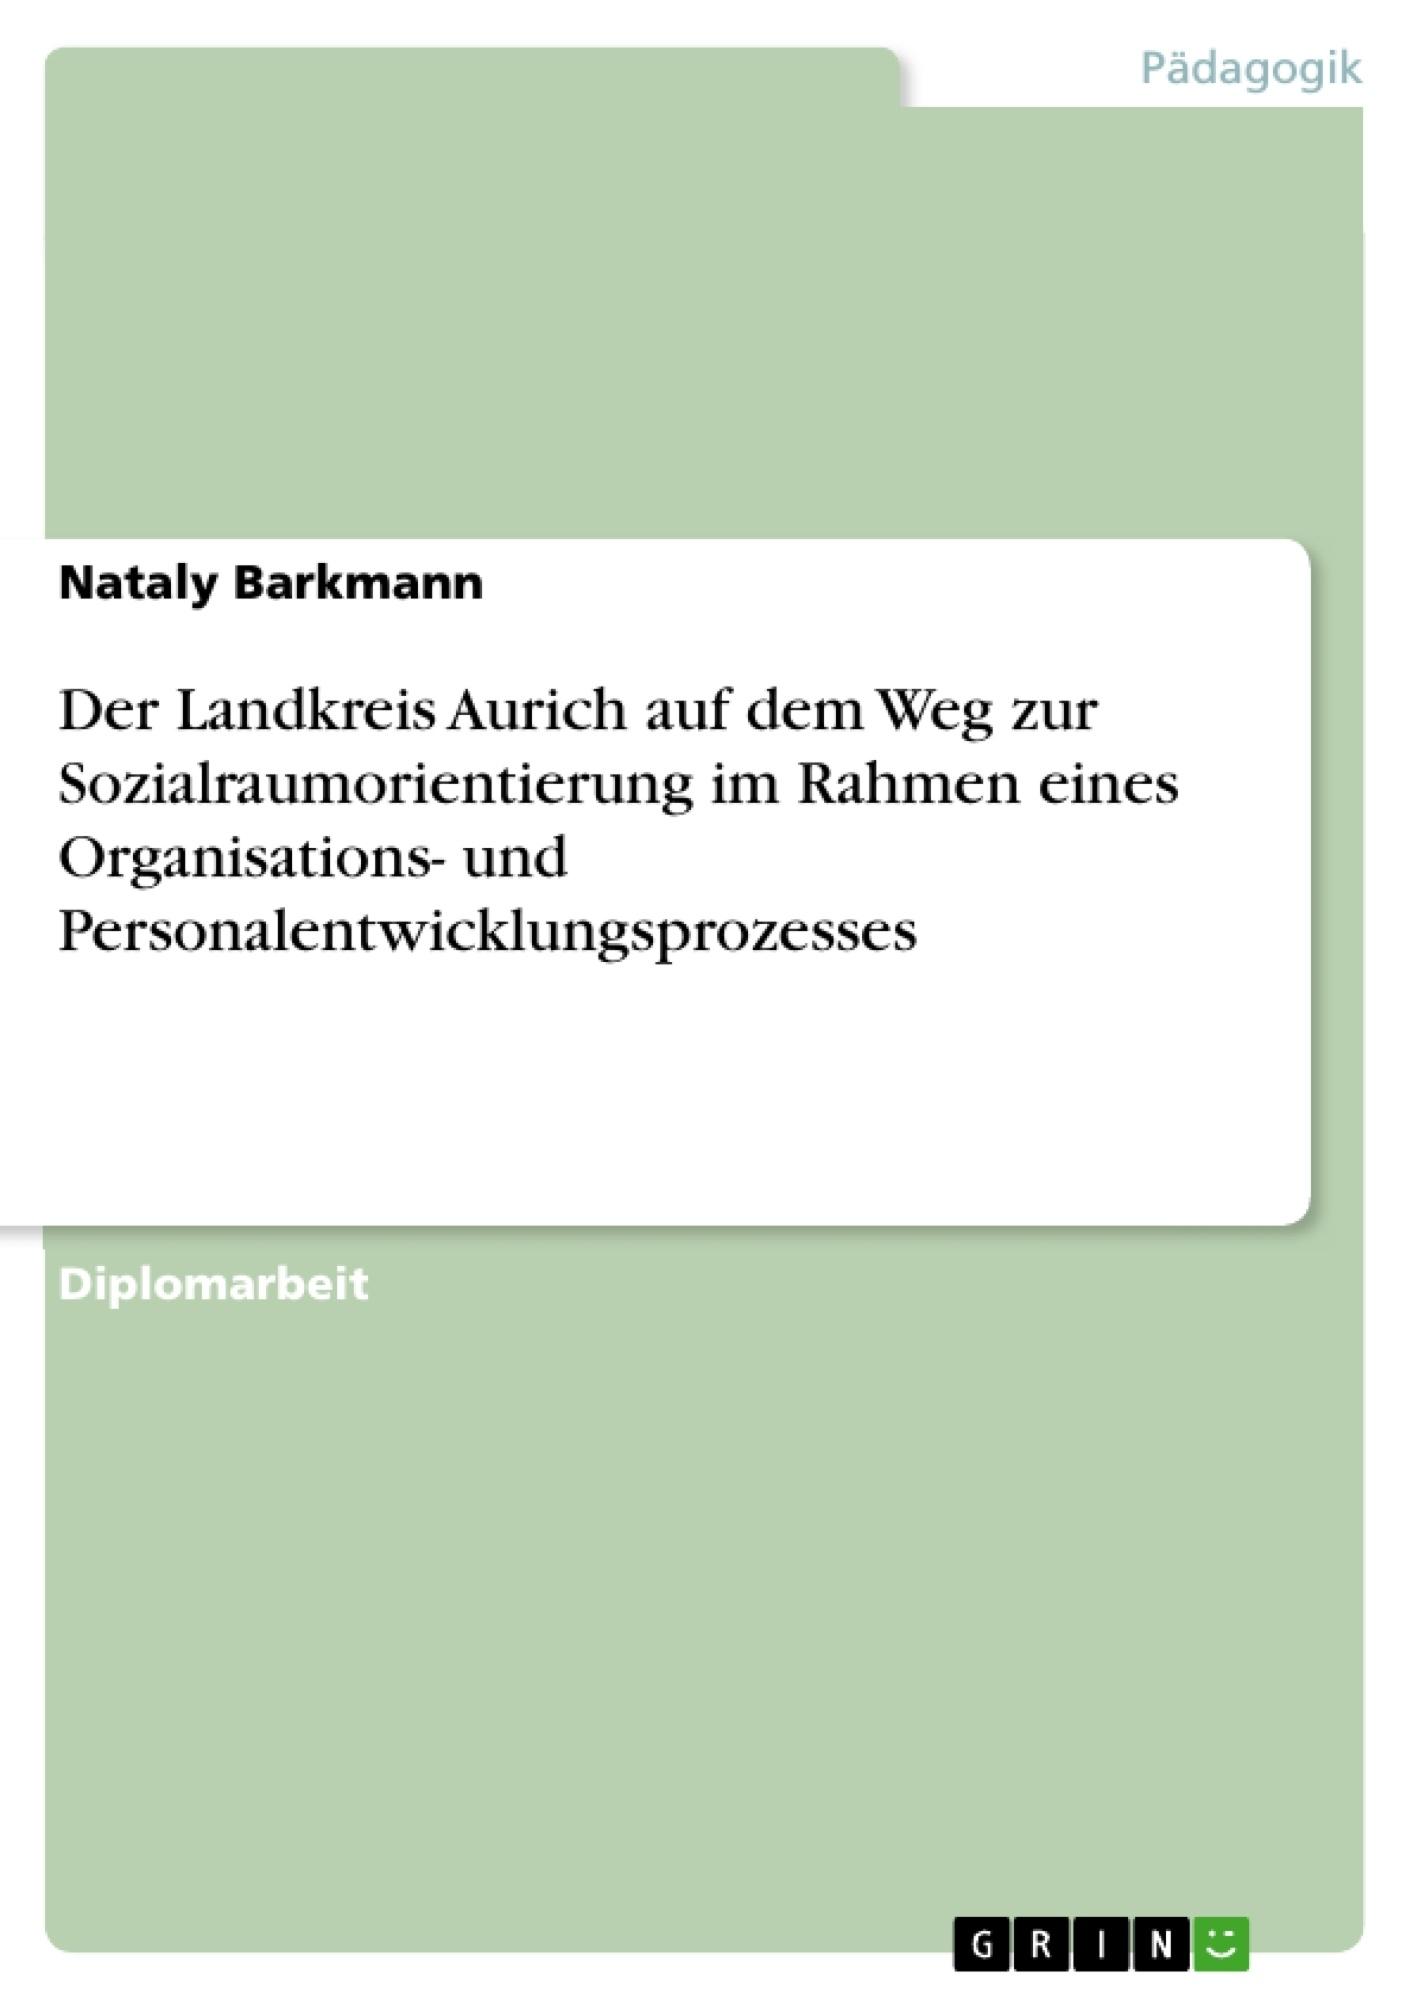 Titel: Der Landkreis Aurich auf dem Weg zur Sozialraumorientierung im Rahmen eines Organisations- und Personalentwicklungsprozesses